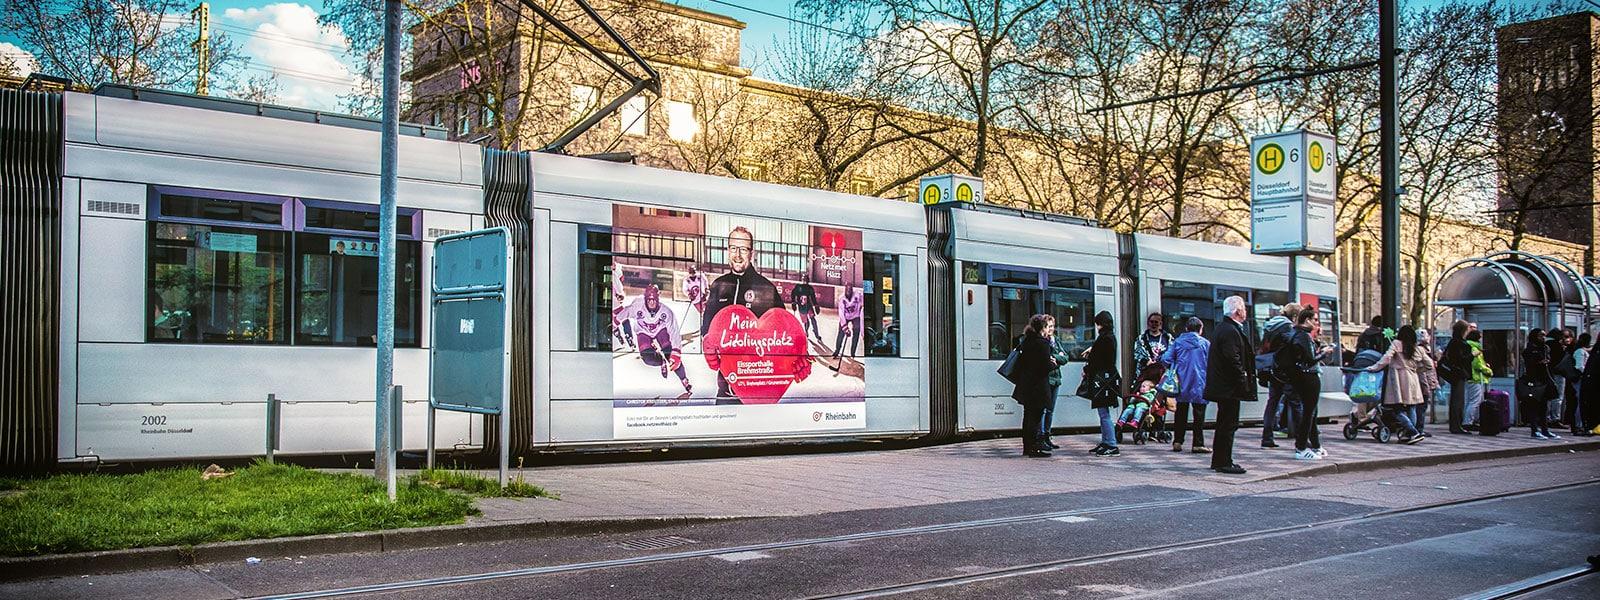 Neuss-Verkehrsmittelwerbung-Bahn-Traffic-Board